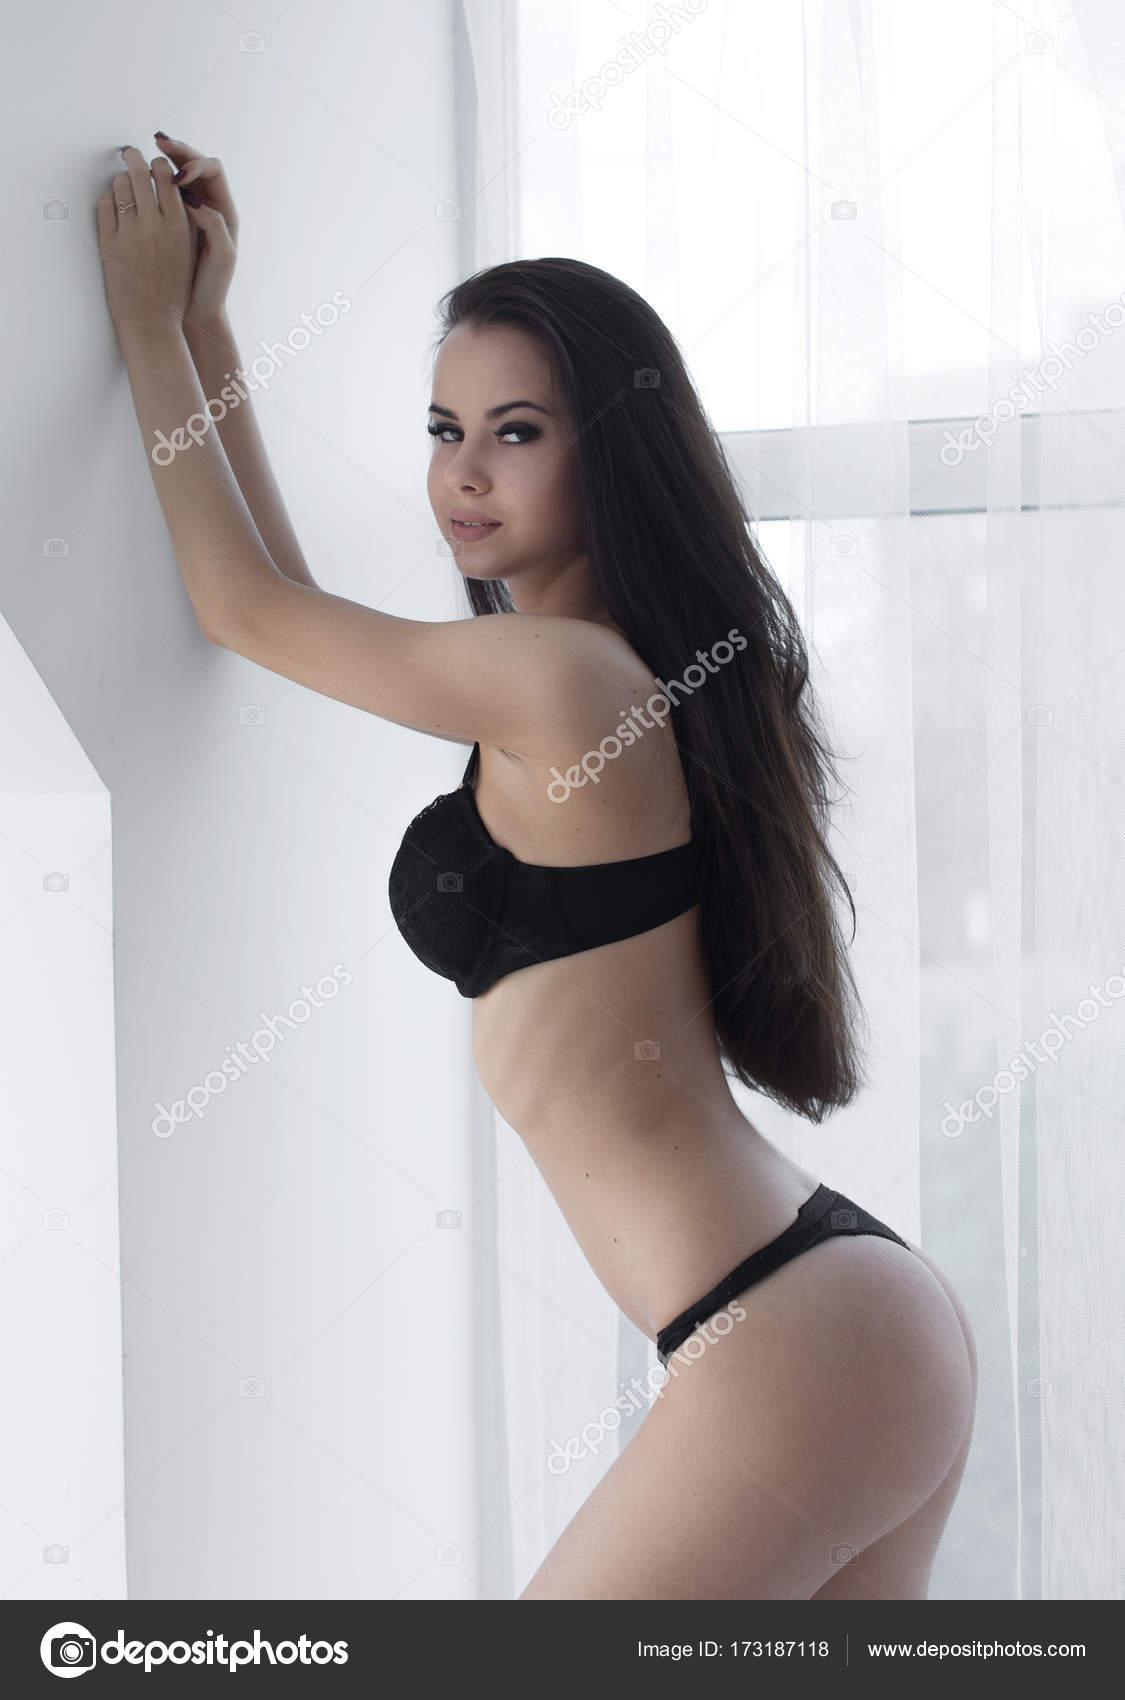 Откровенное секс белье